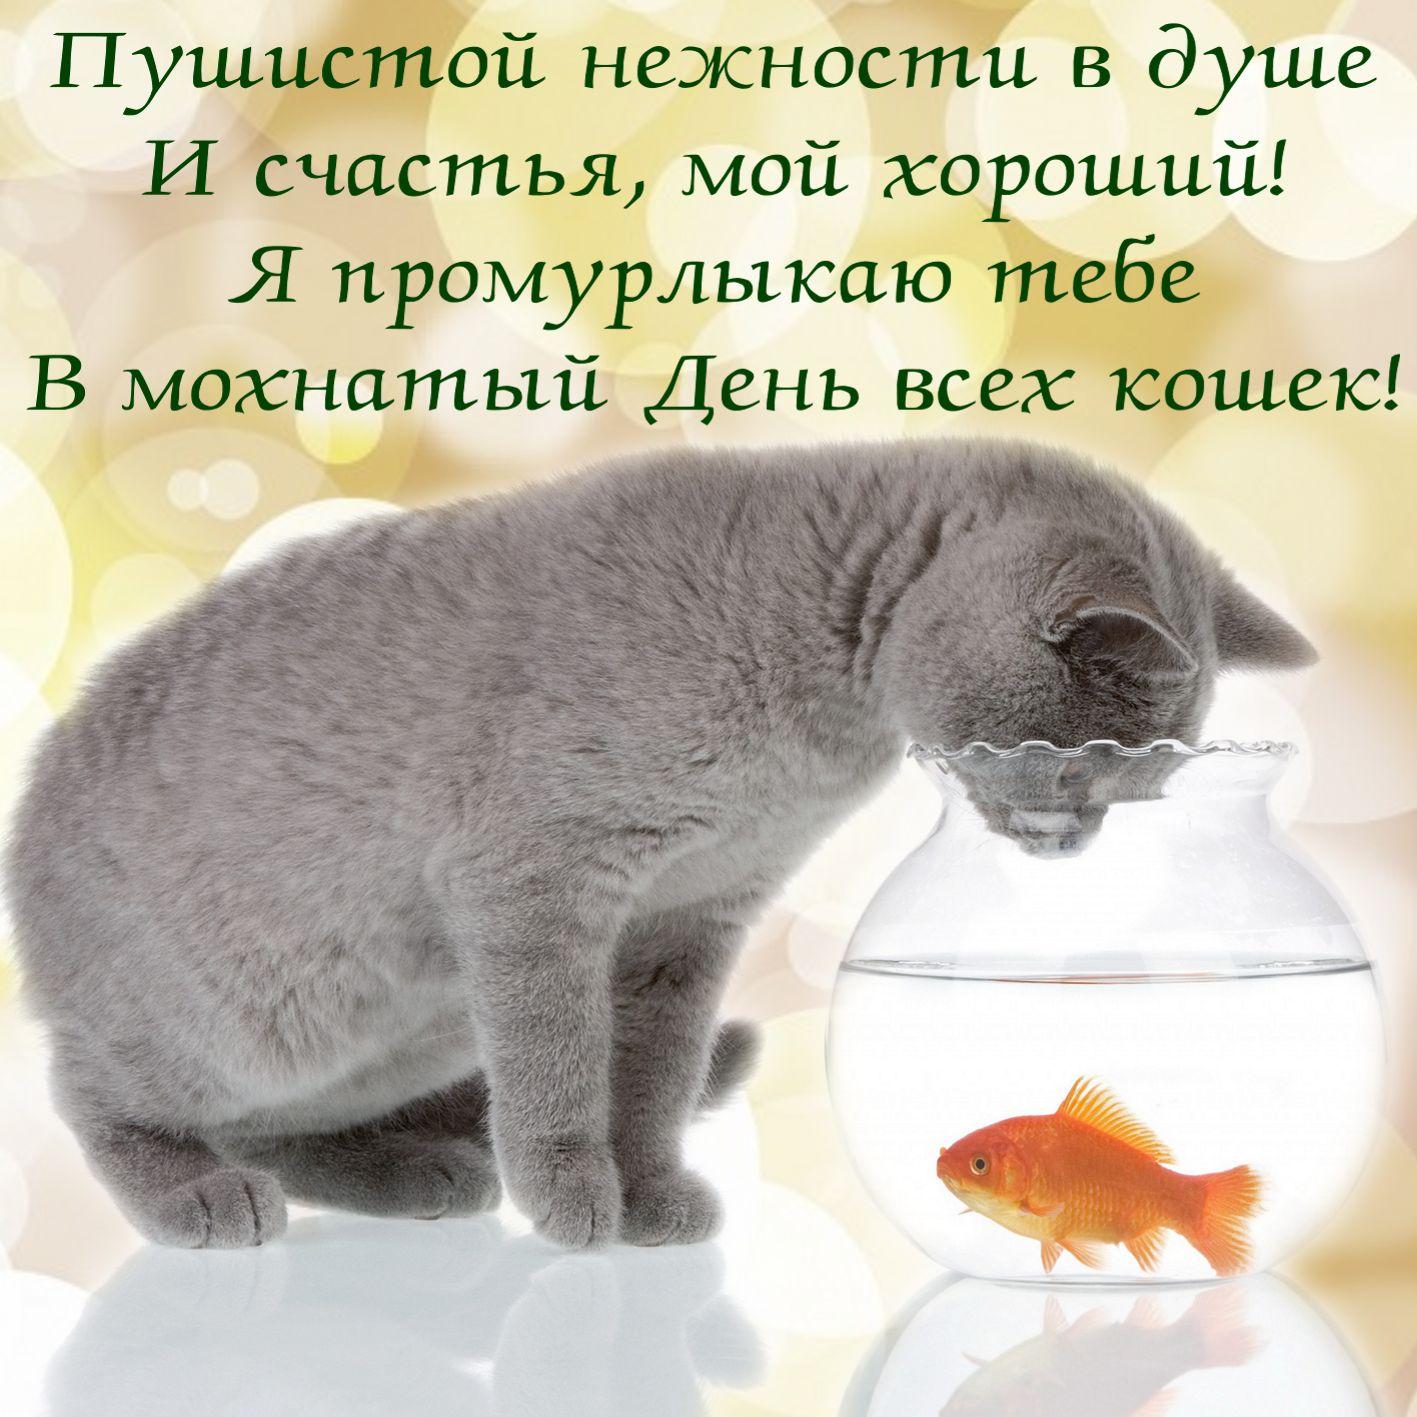 Прикольные поздравления день кошек фото 980